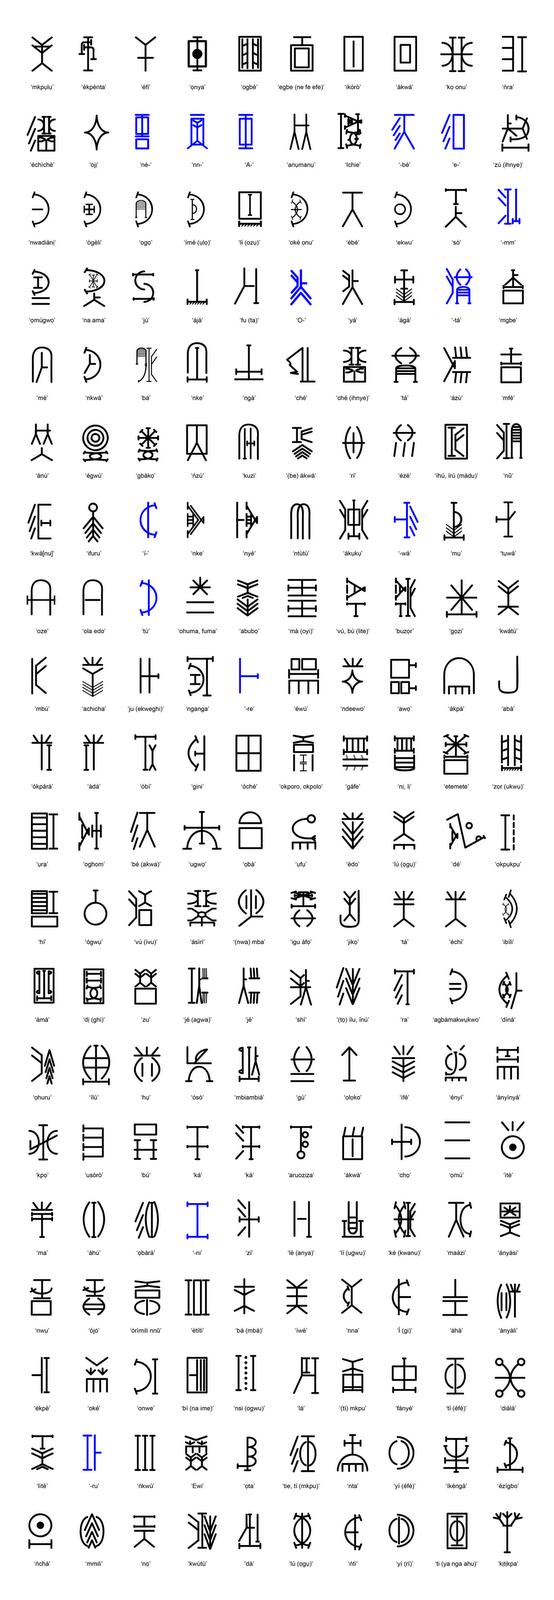 Nsibidi writing system page 3 skyscrapercity unalome buycottarizona Choice Image